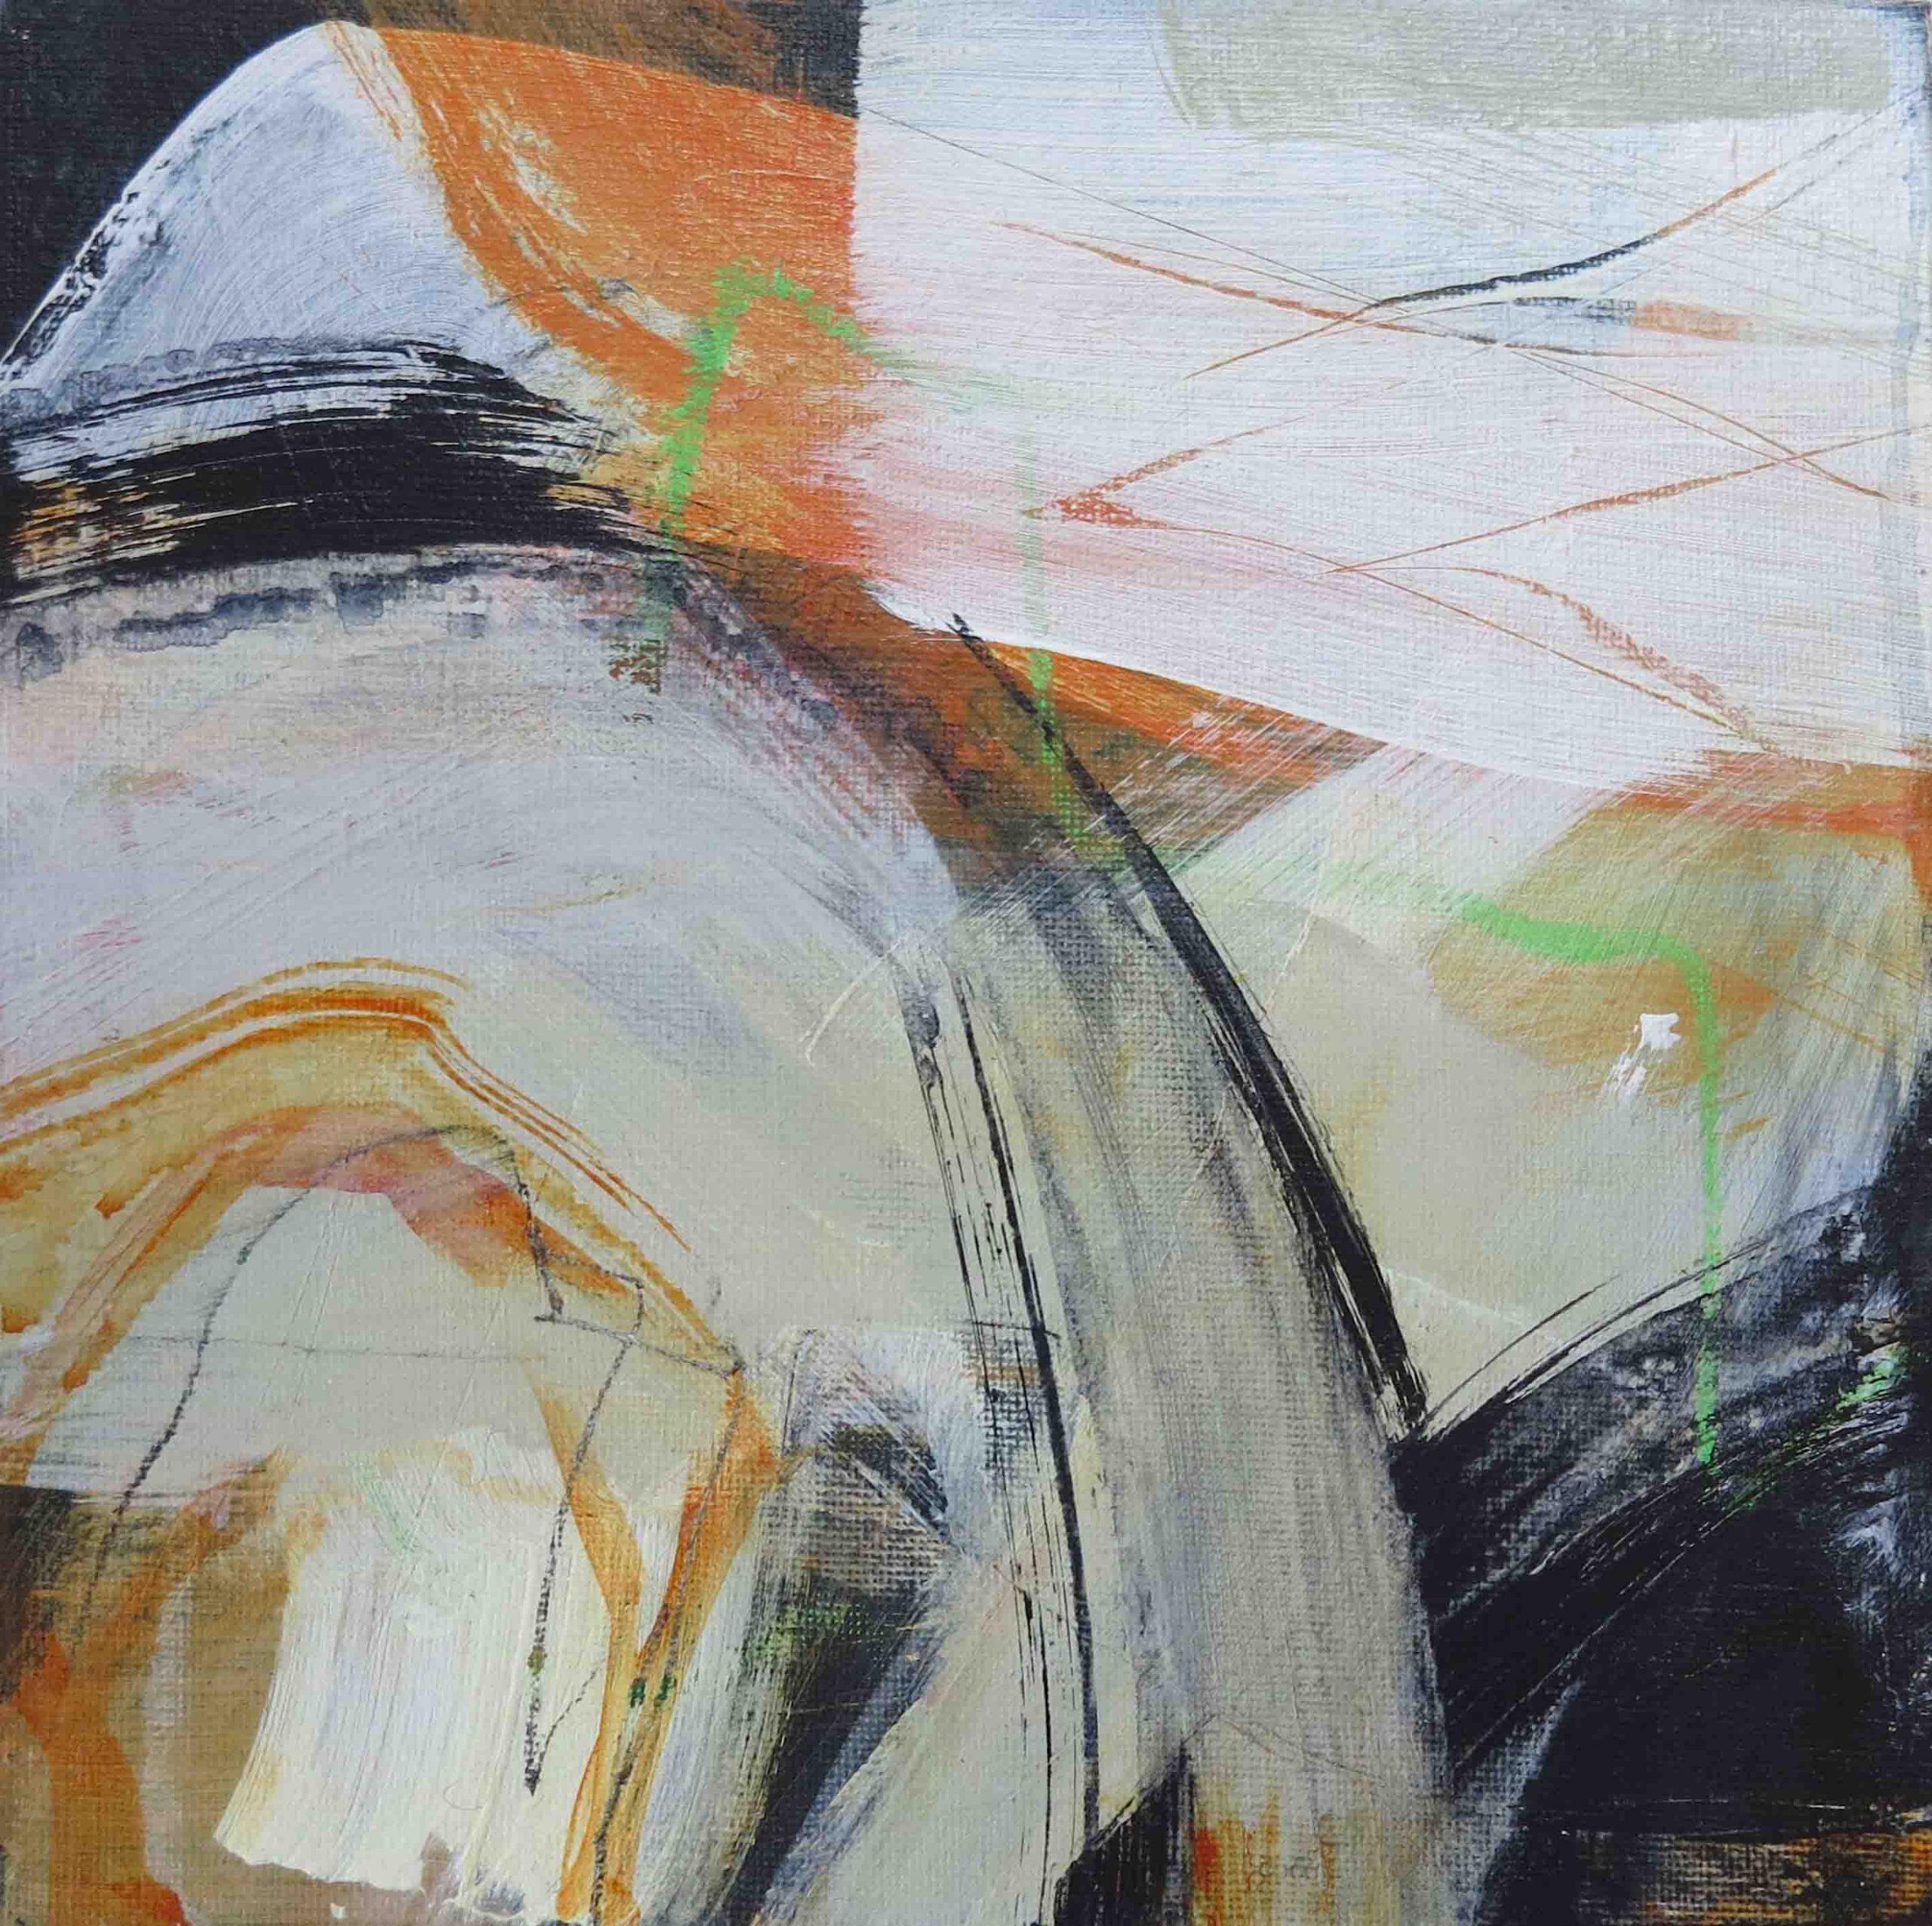 Tonia Gunstone - Abstract 9 - Mixed Media on Canvas Board